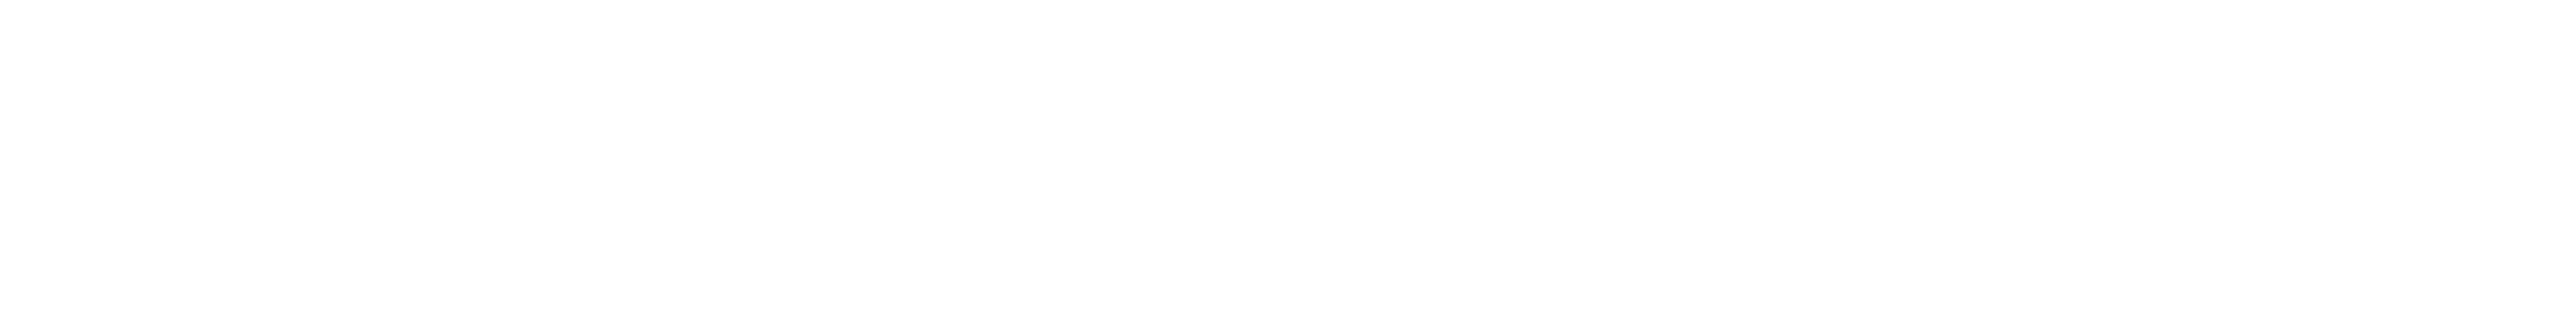 thetradedesk-logolockup-wht